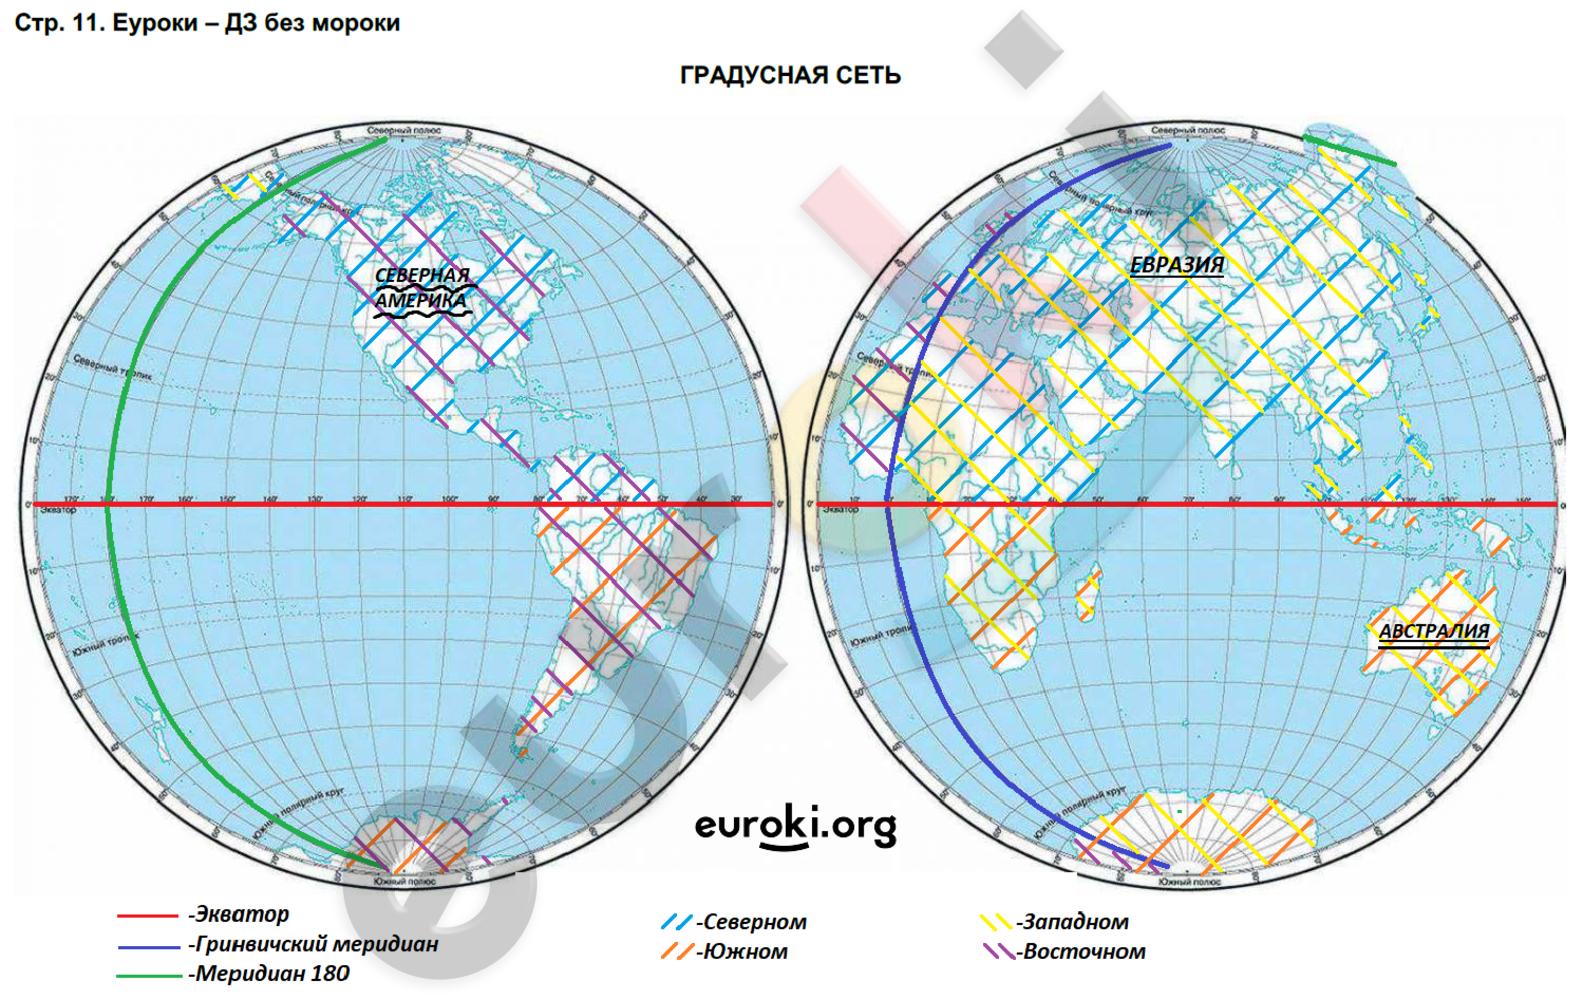 ГДЗ по географии 5 класс контурные карты Румянцев. Задание: стр. 11